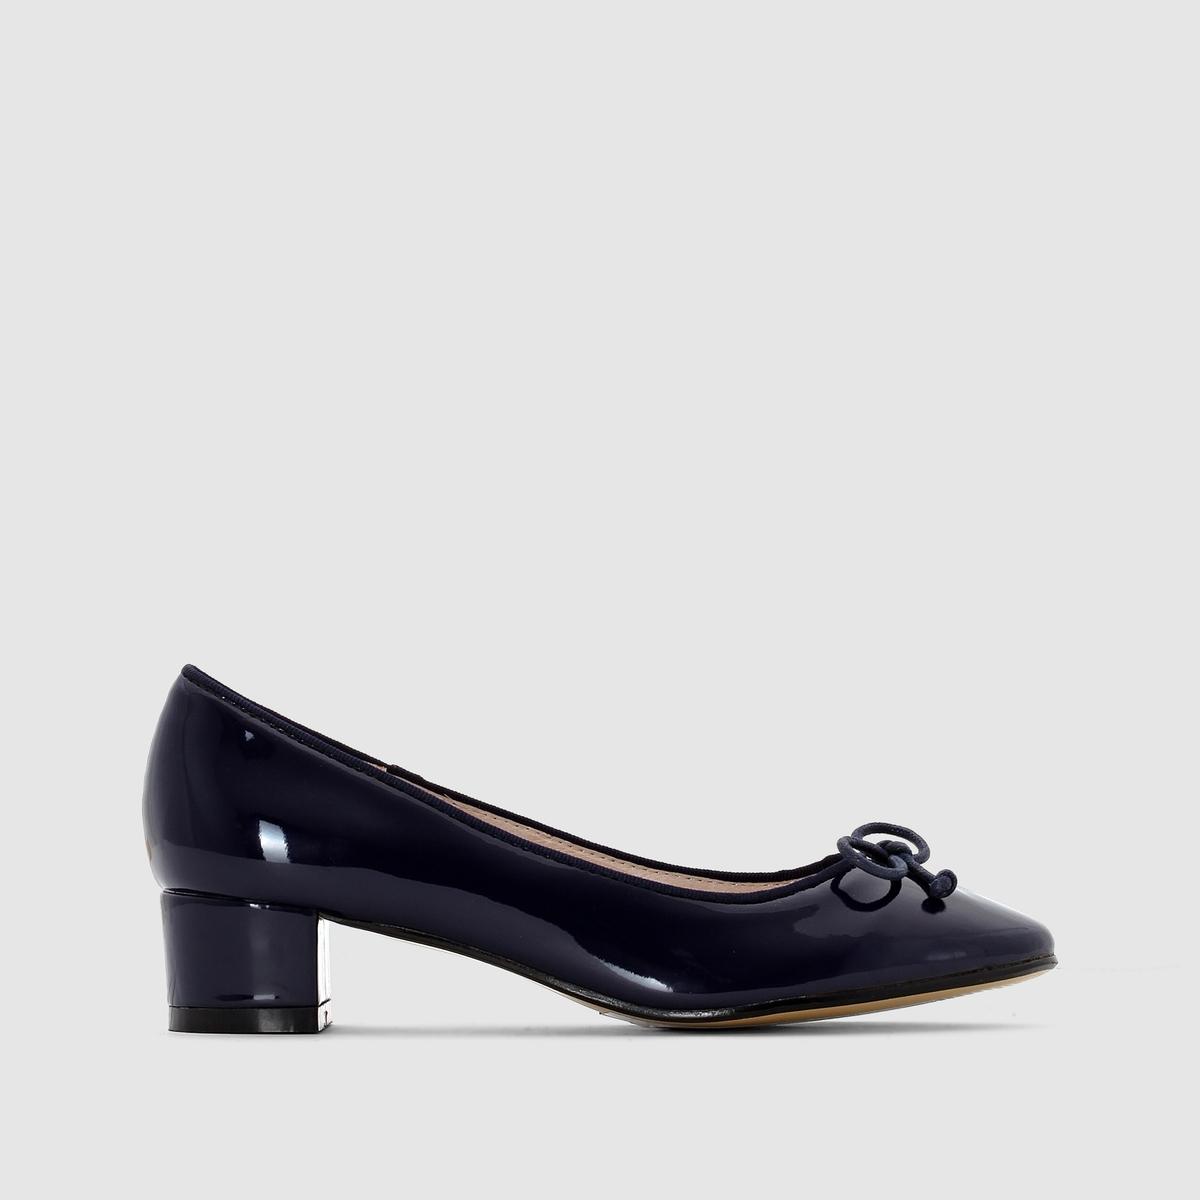 БалеткиМы советуем выбирать обувь на размер больше, чем ваш обычный размер  .<br><br>Цвет: телесный,темно-синий<br>Размер: 37.37.38.40